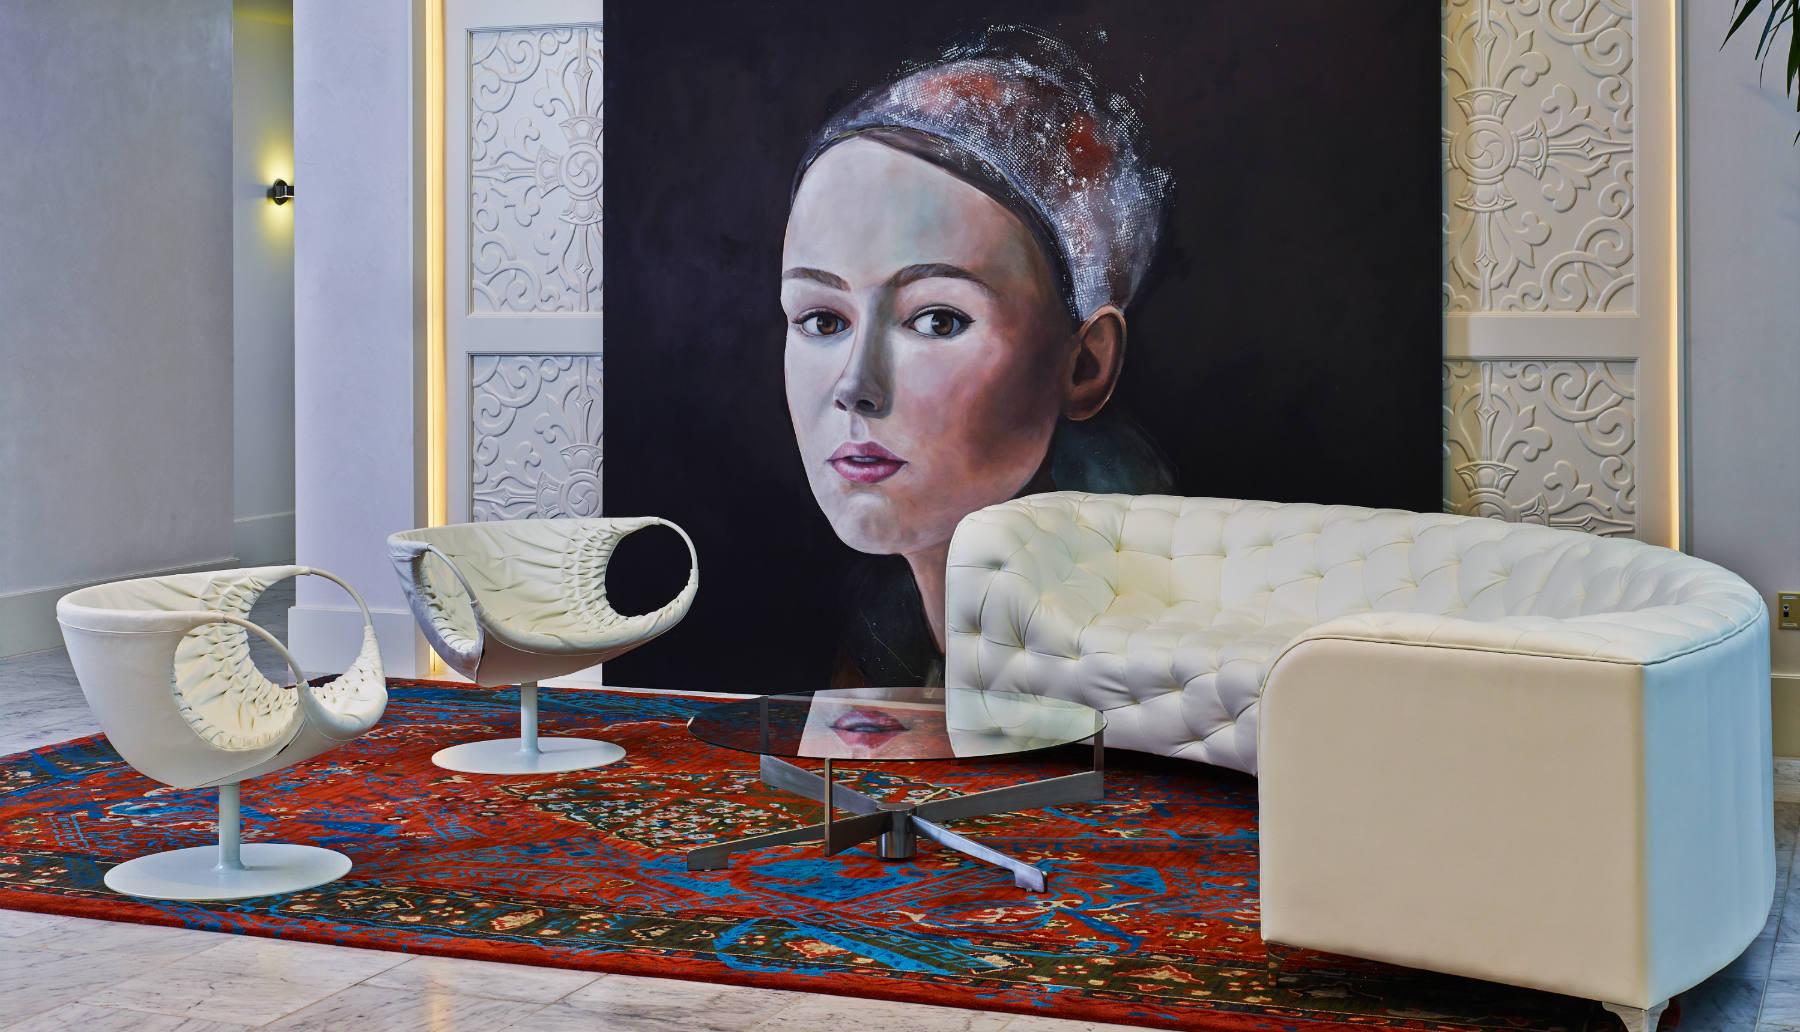 Sorella - Lobby Painting by Sarah Atkinson.jpg